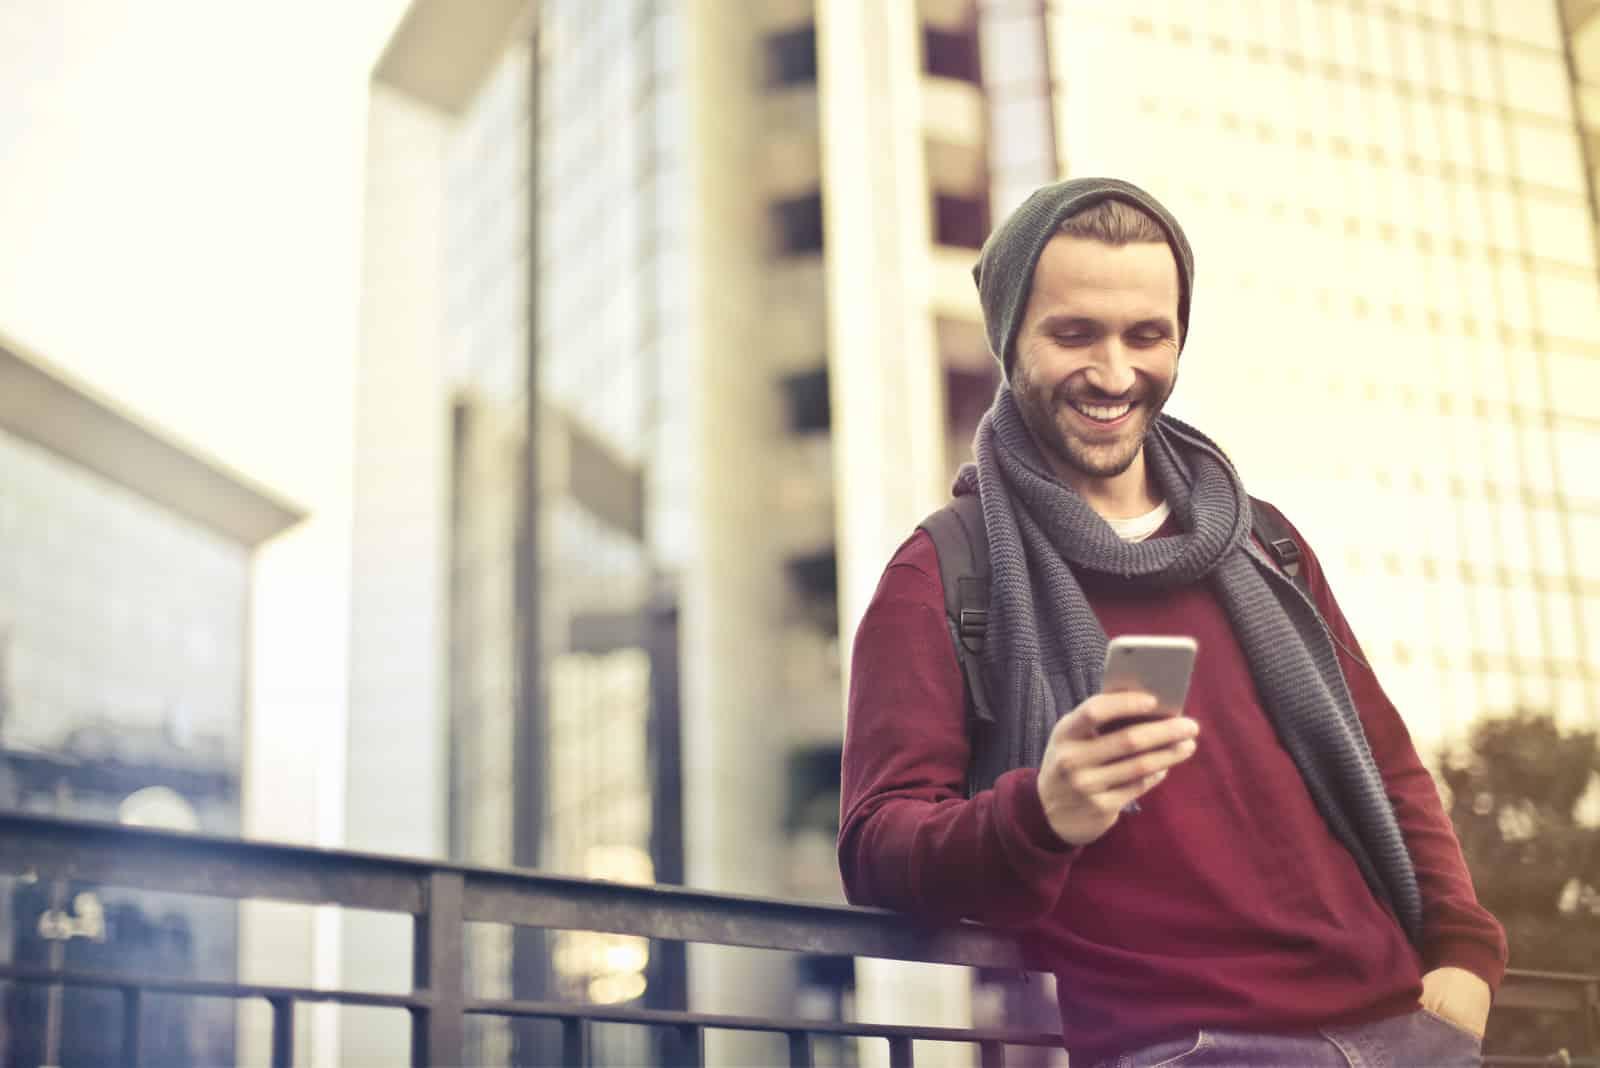 un homme souriant se tient appuyé contre une clôture et pousse un téléphone